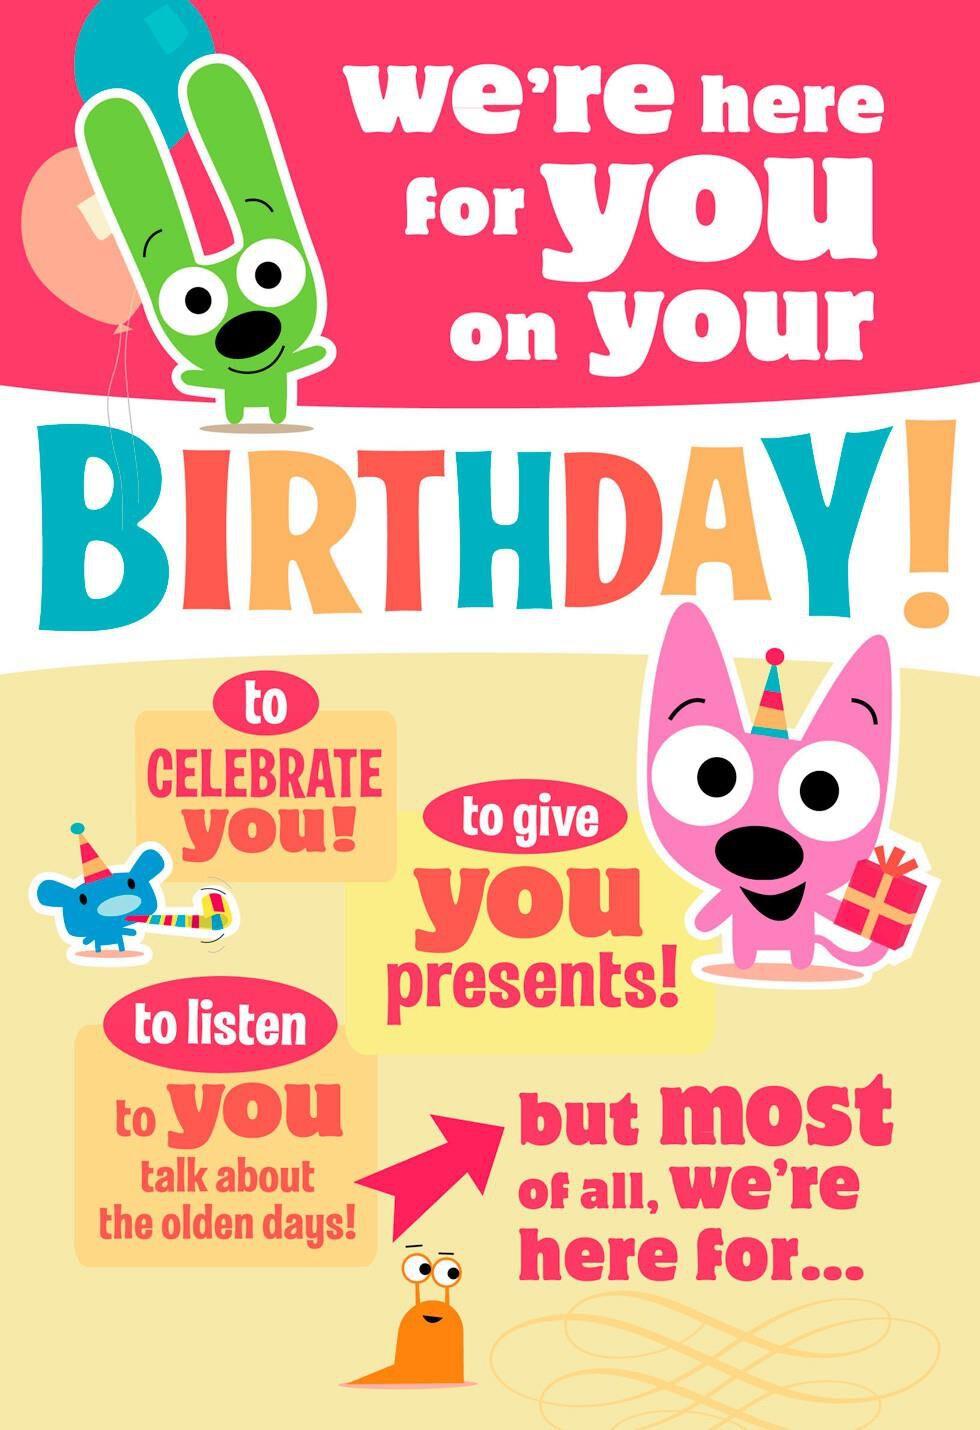 Doc Hoops and Yoyo Birthday Card Hoops Yoyo Birthday Card – Free Hoops and Yoyo Birthday Cards